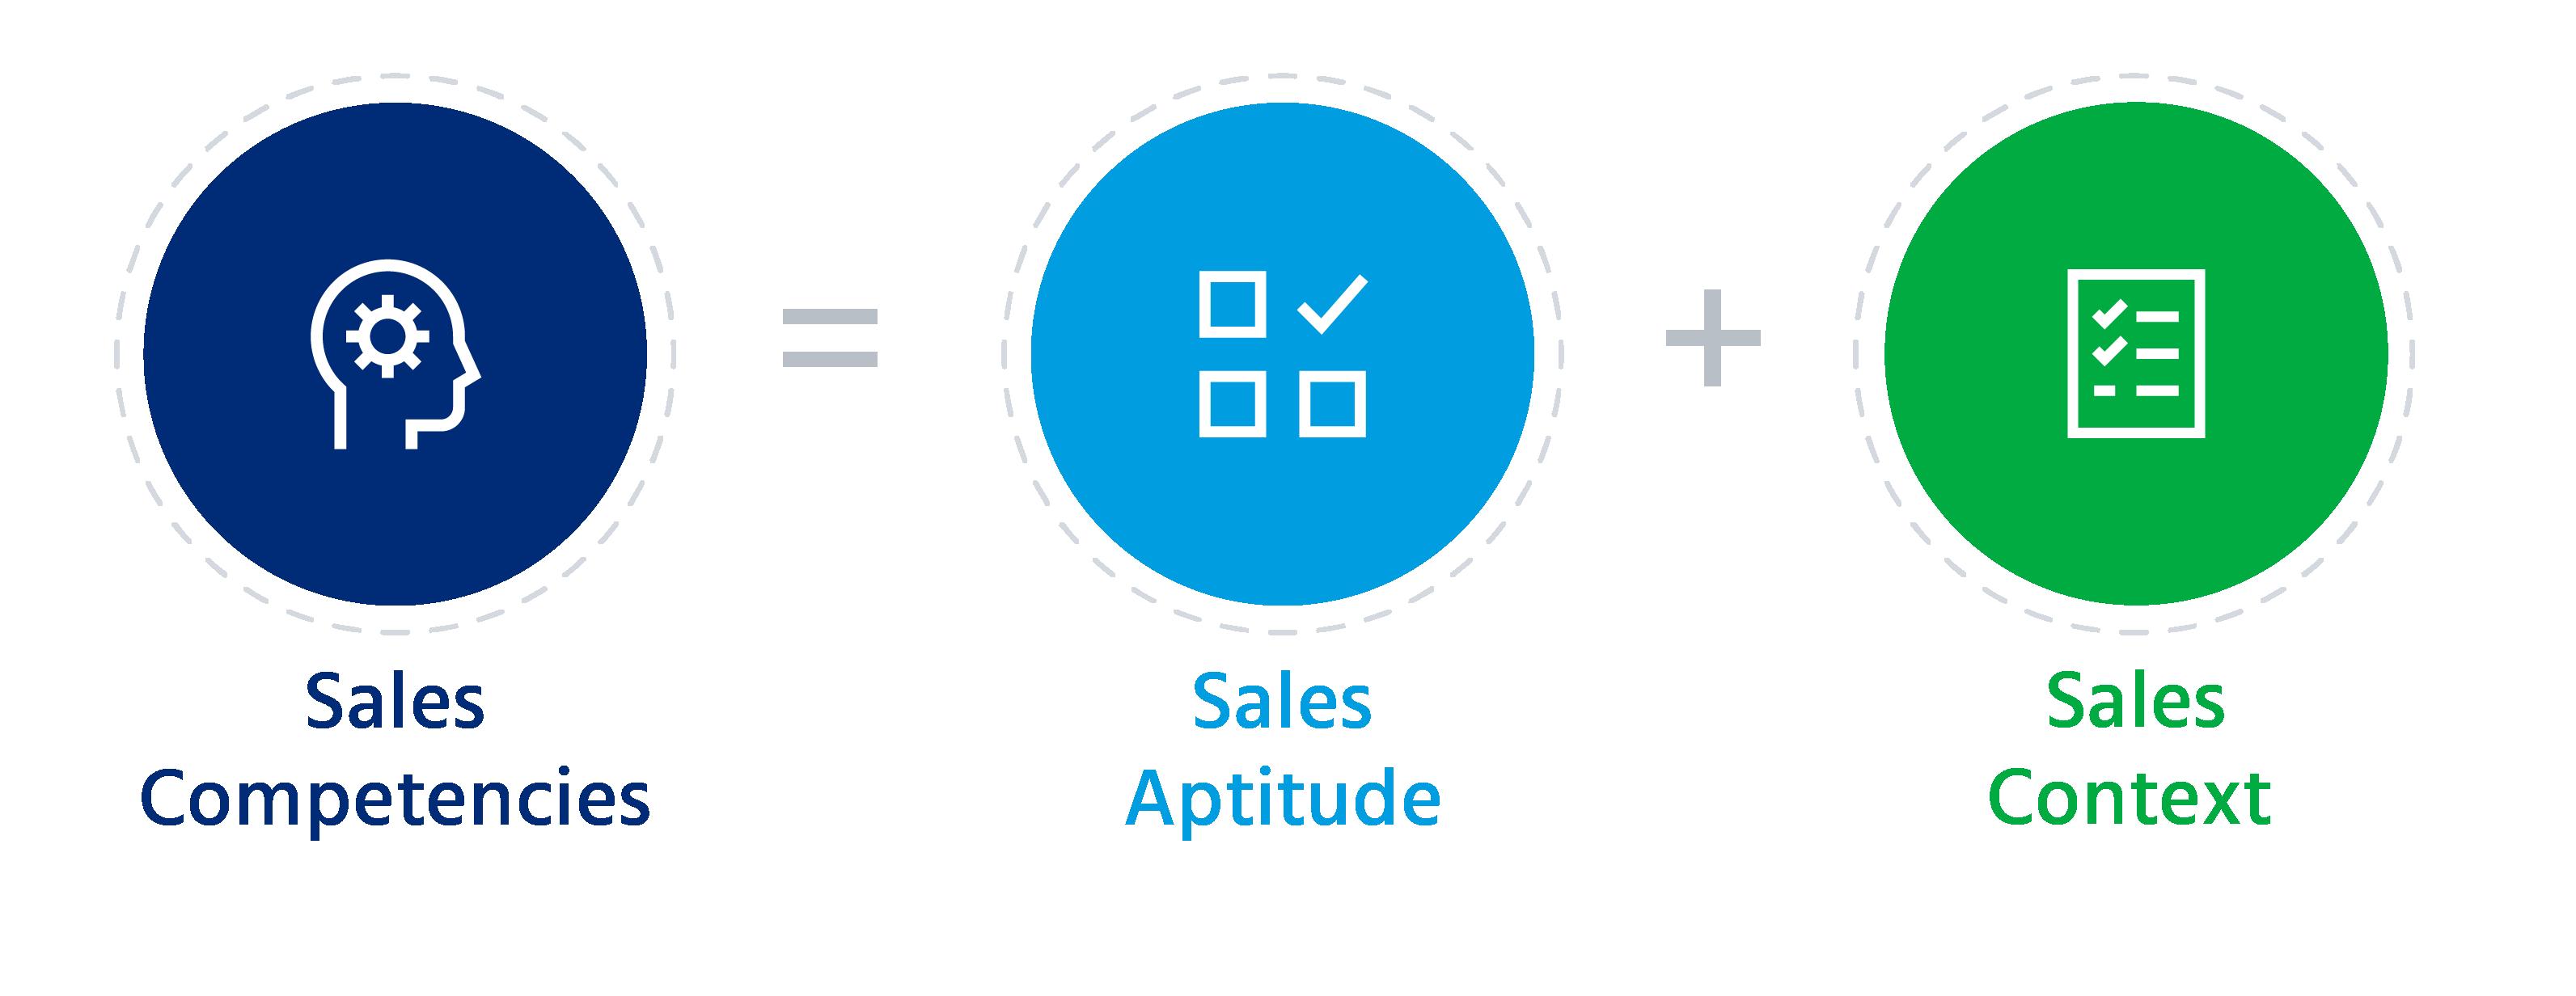 Sales competencies